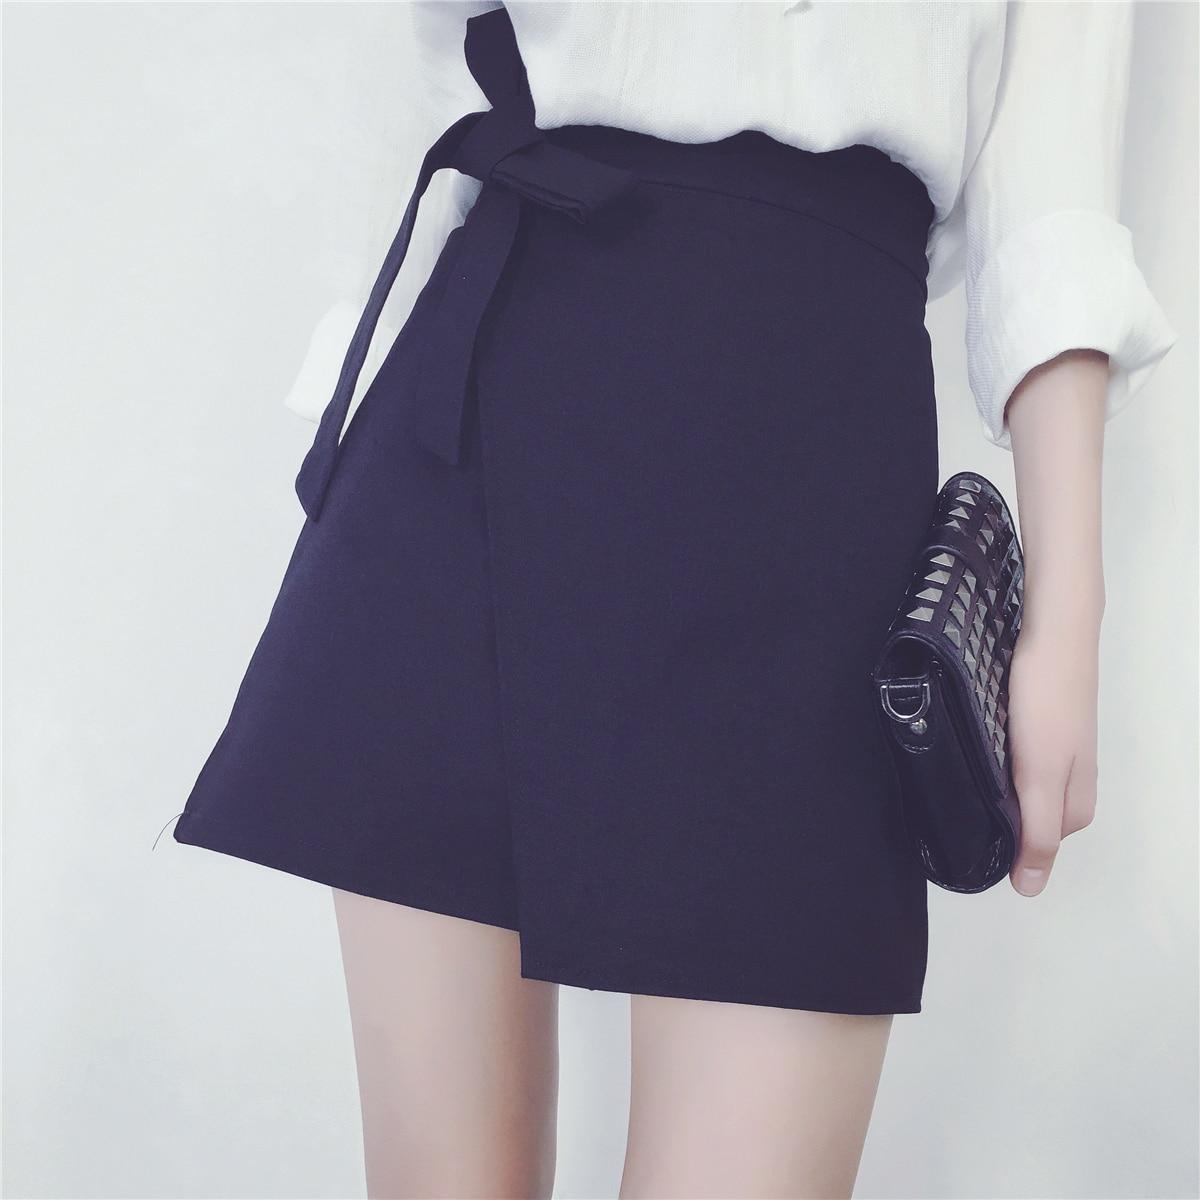 The 2017 summer students new A word skirt skirt waist slim skirt Korean female irregular skirt